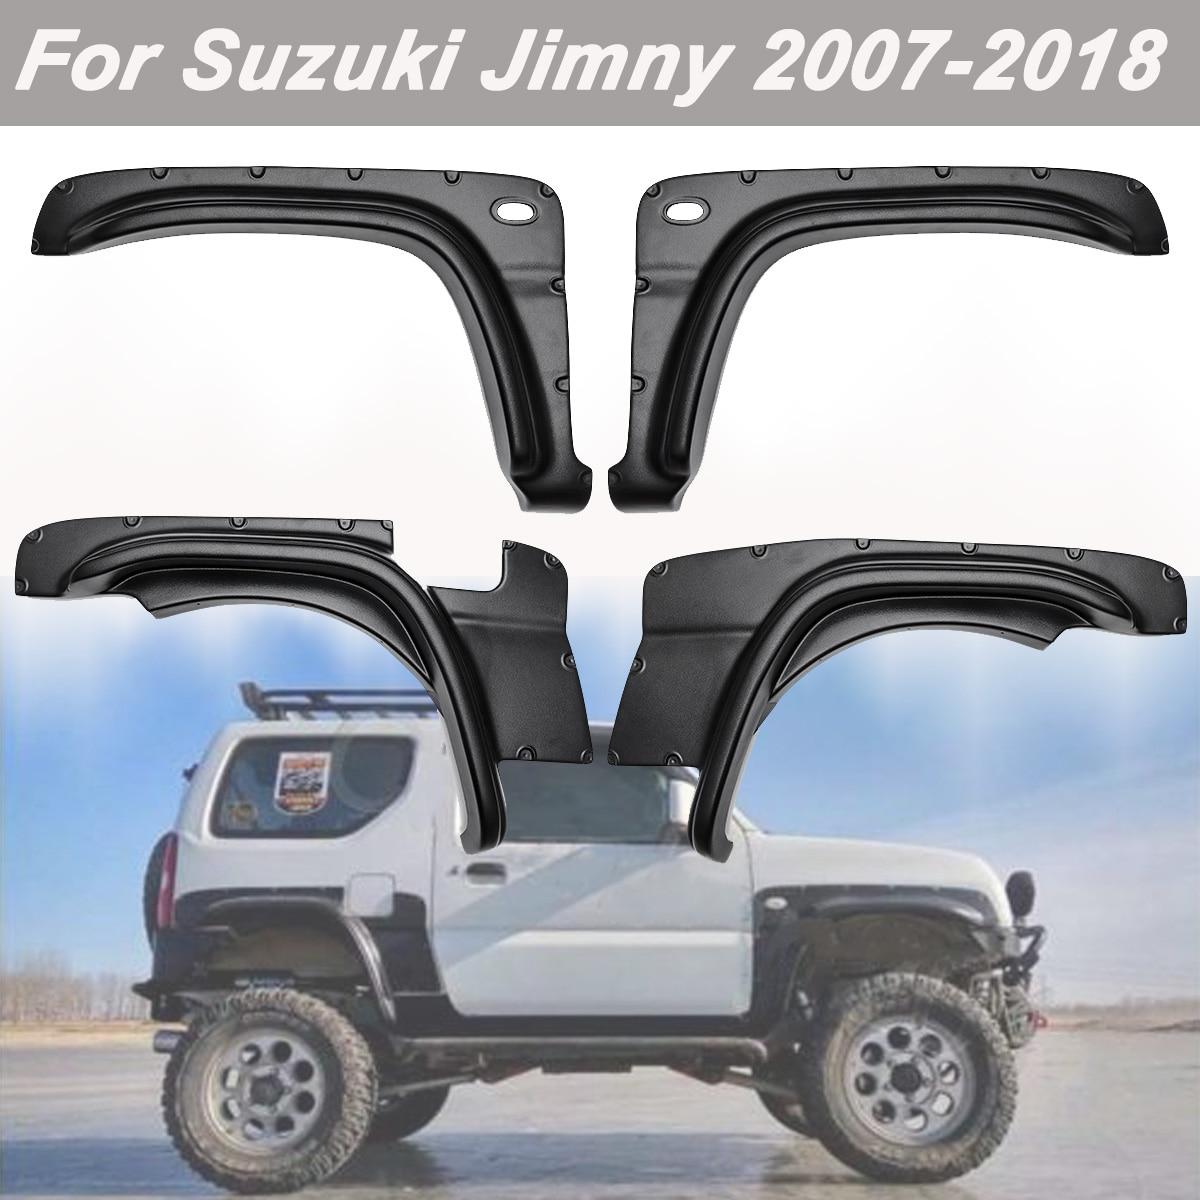 4 Pcs Auto Rad Augenbraue Runde Arc Fender Schlamm Klappen Kotflügel Splash Guards Für Suzuki jimny 2007-2017